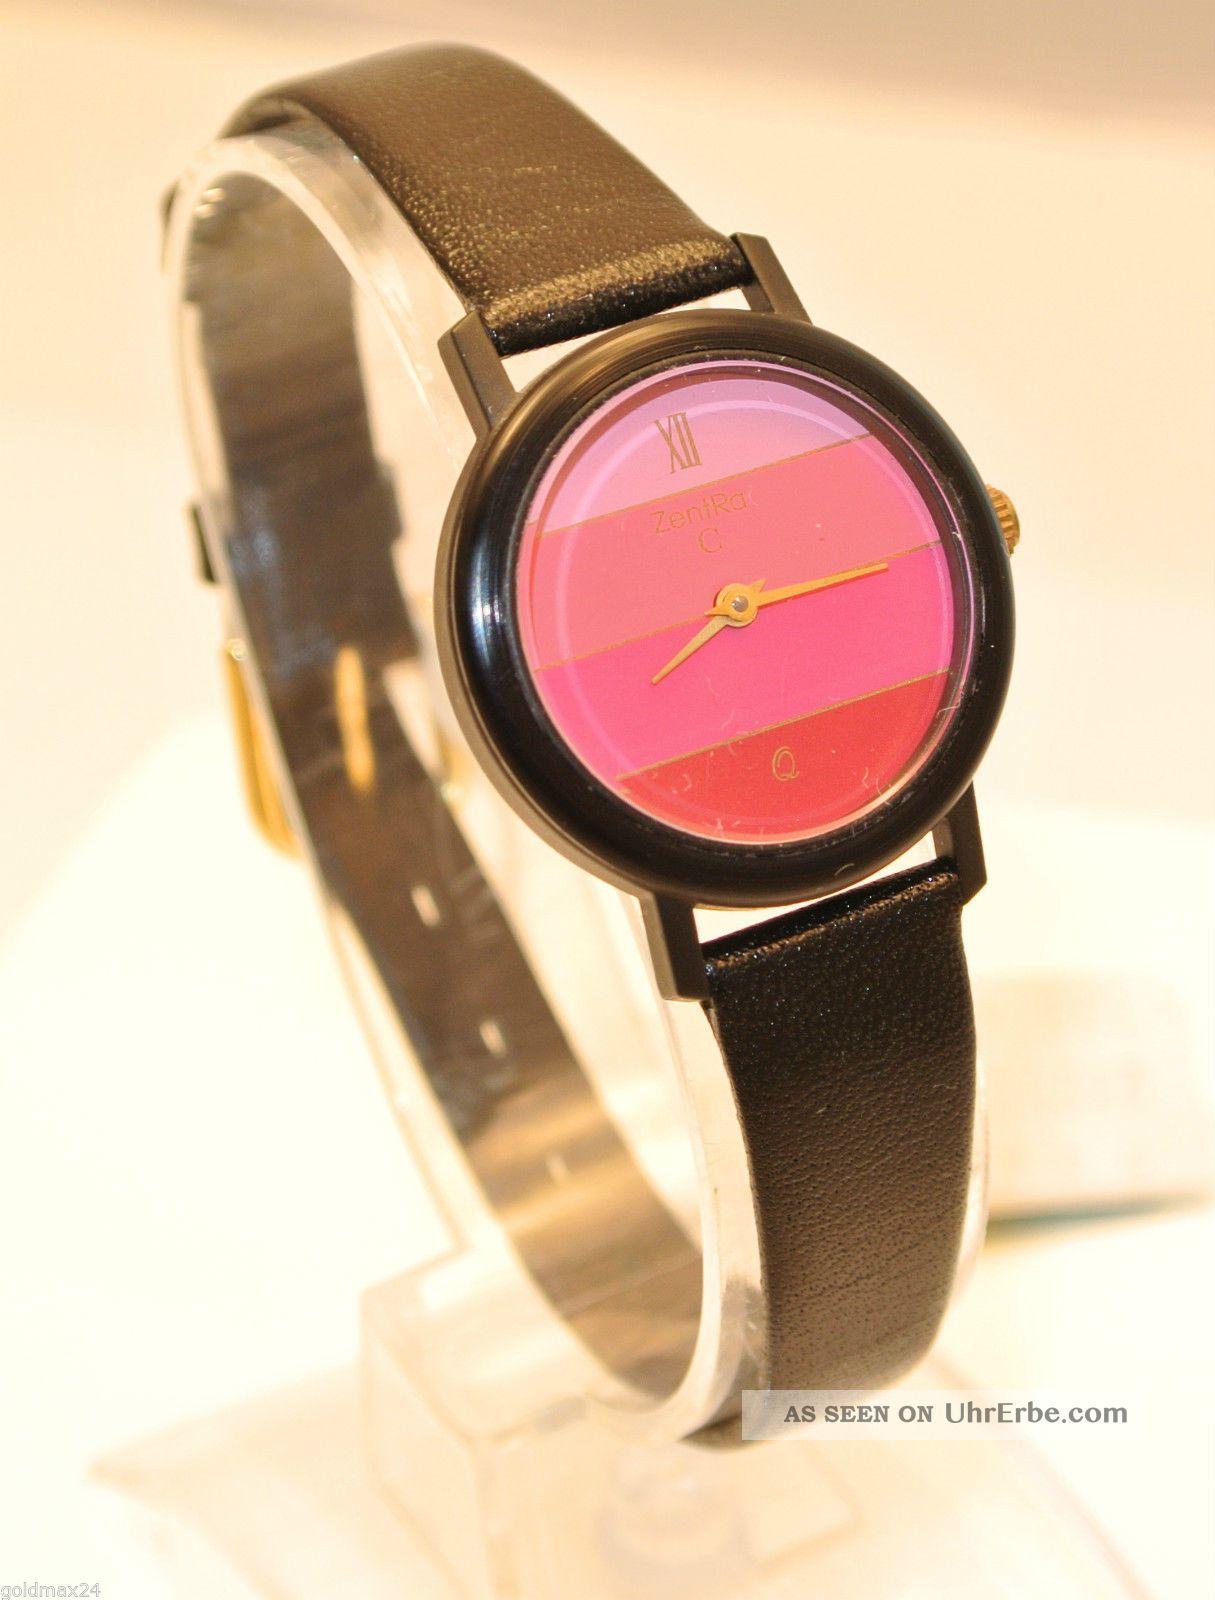 Zentra Q - Damenarmbanduhr / Quarz / Lederarmband Armbanduhren Bild